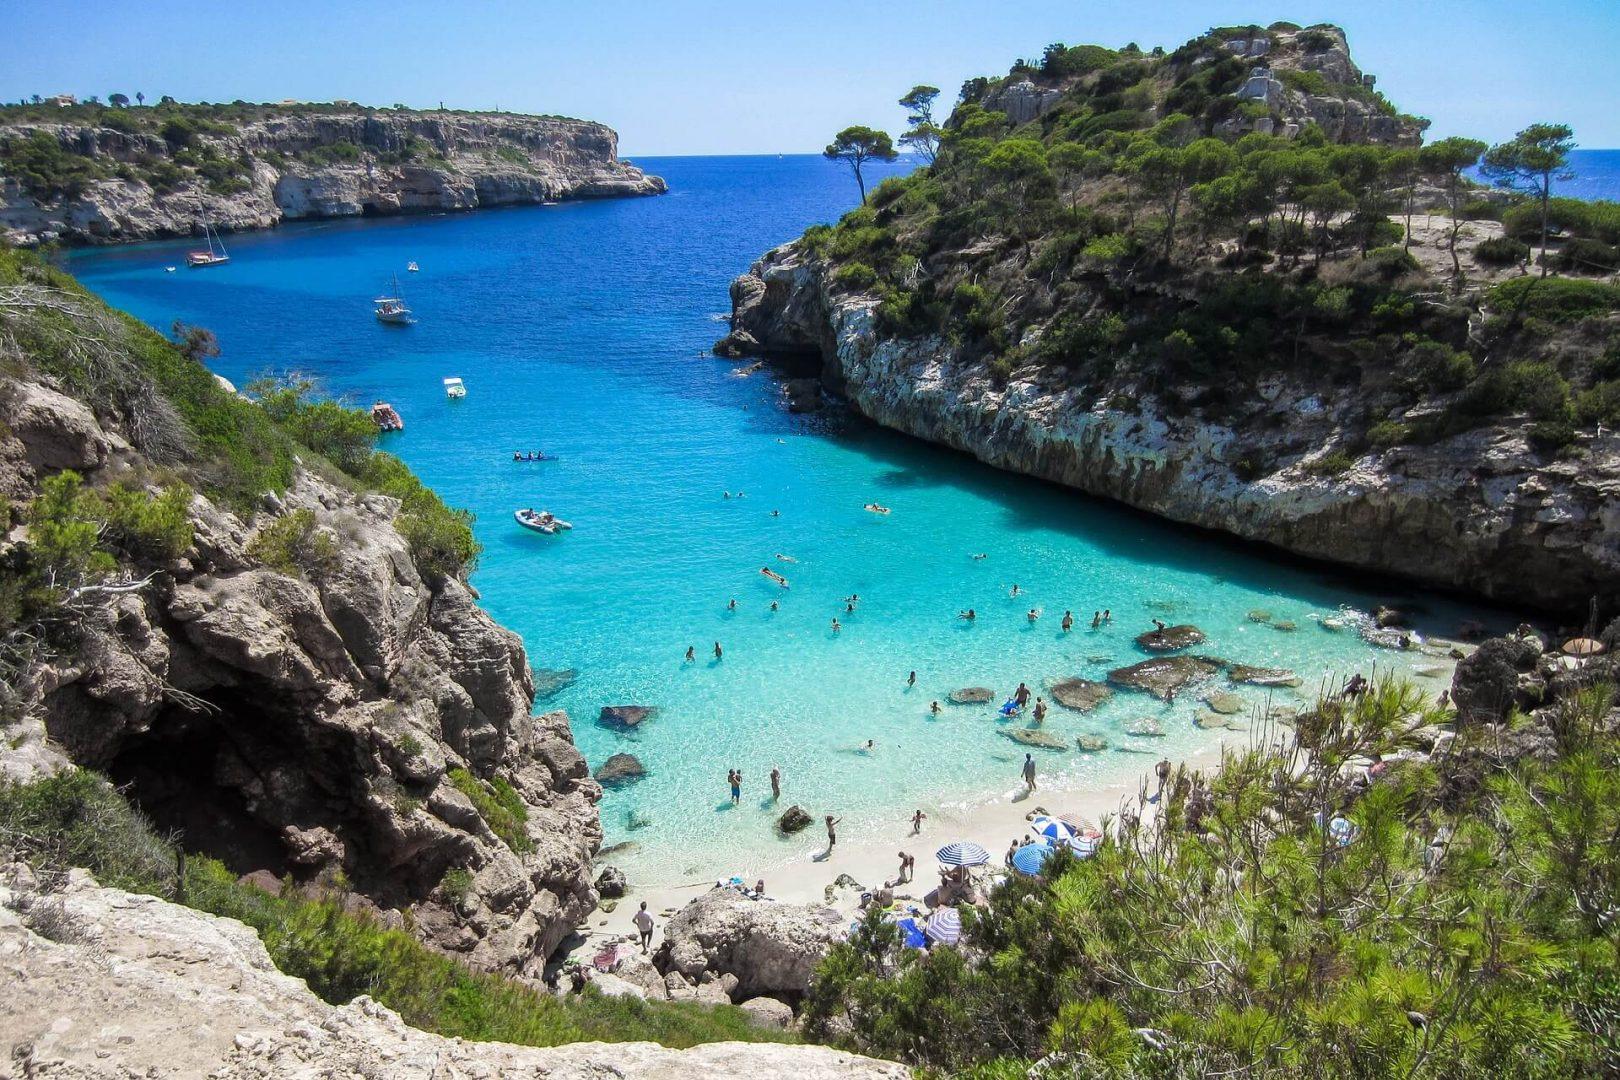 Una cala o bahía pequeña en la isla de Mallorca